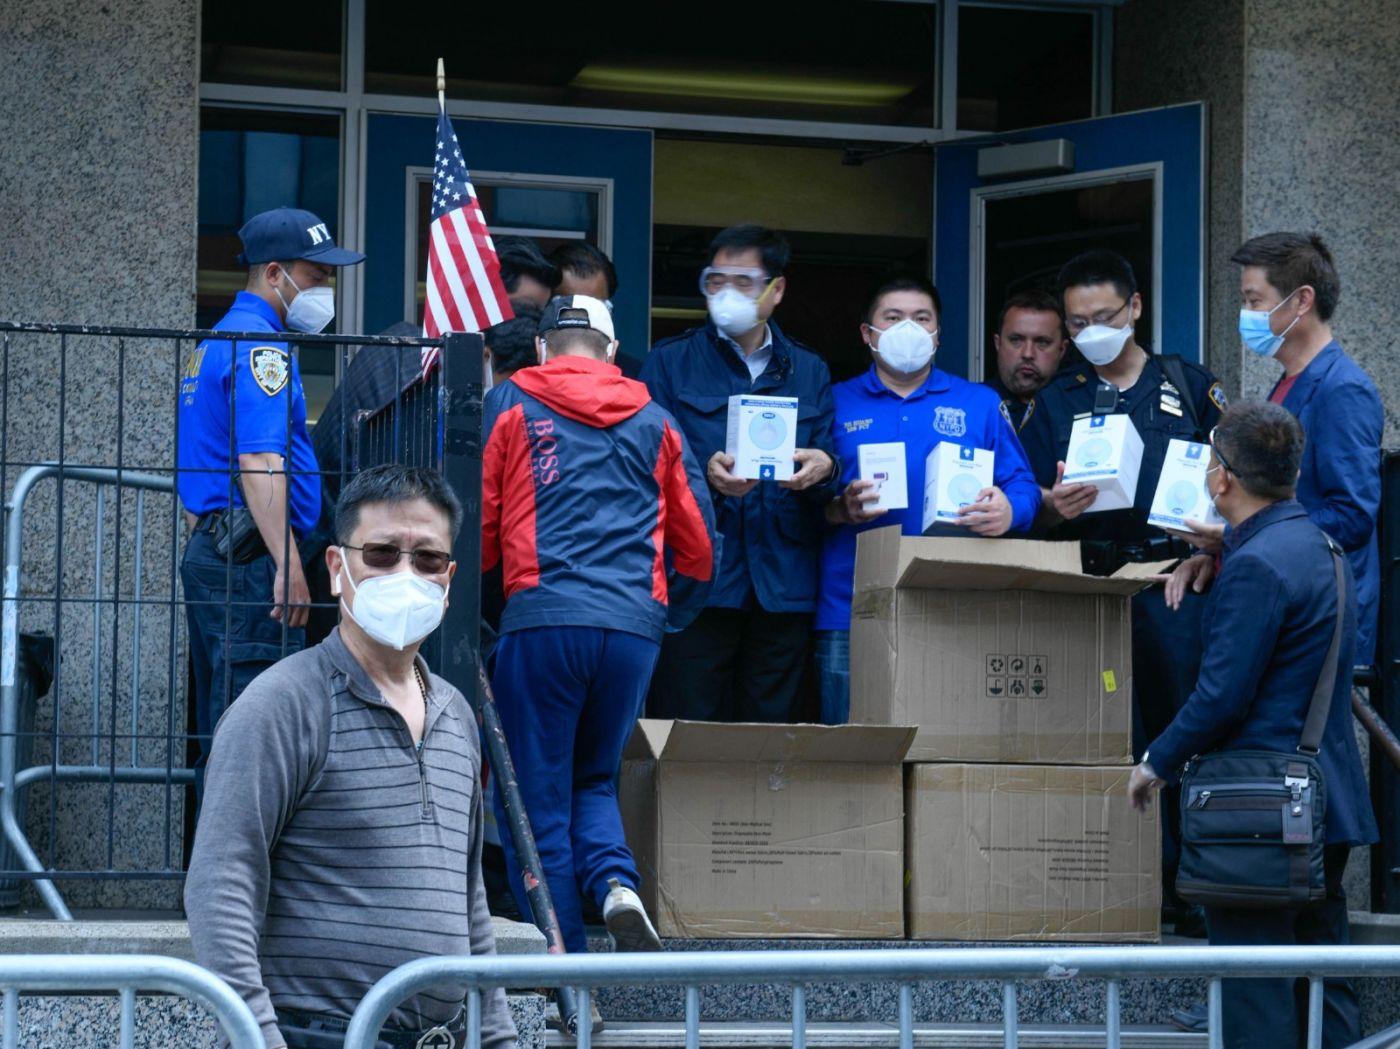 美国福建同乡会企业家捐赠防疫物资给纽约警察与亚美医师协会 ... ... ..._图1-6